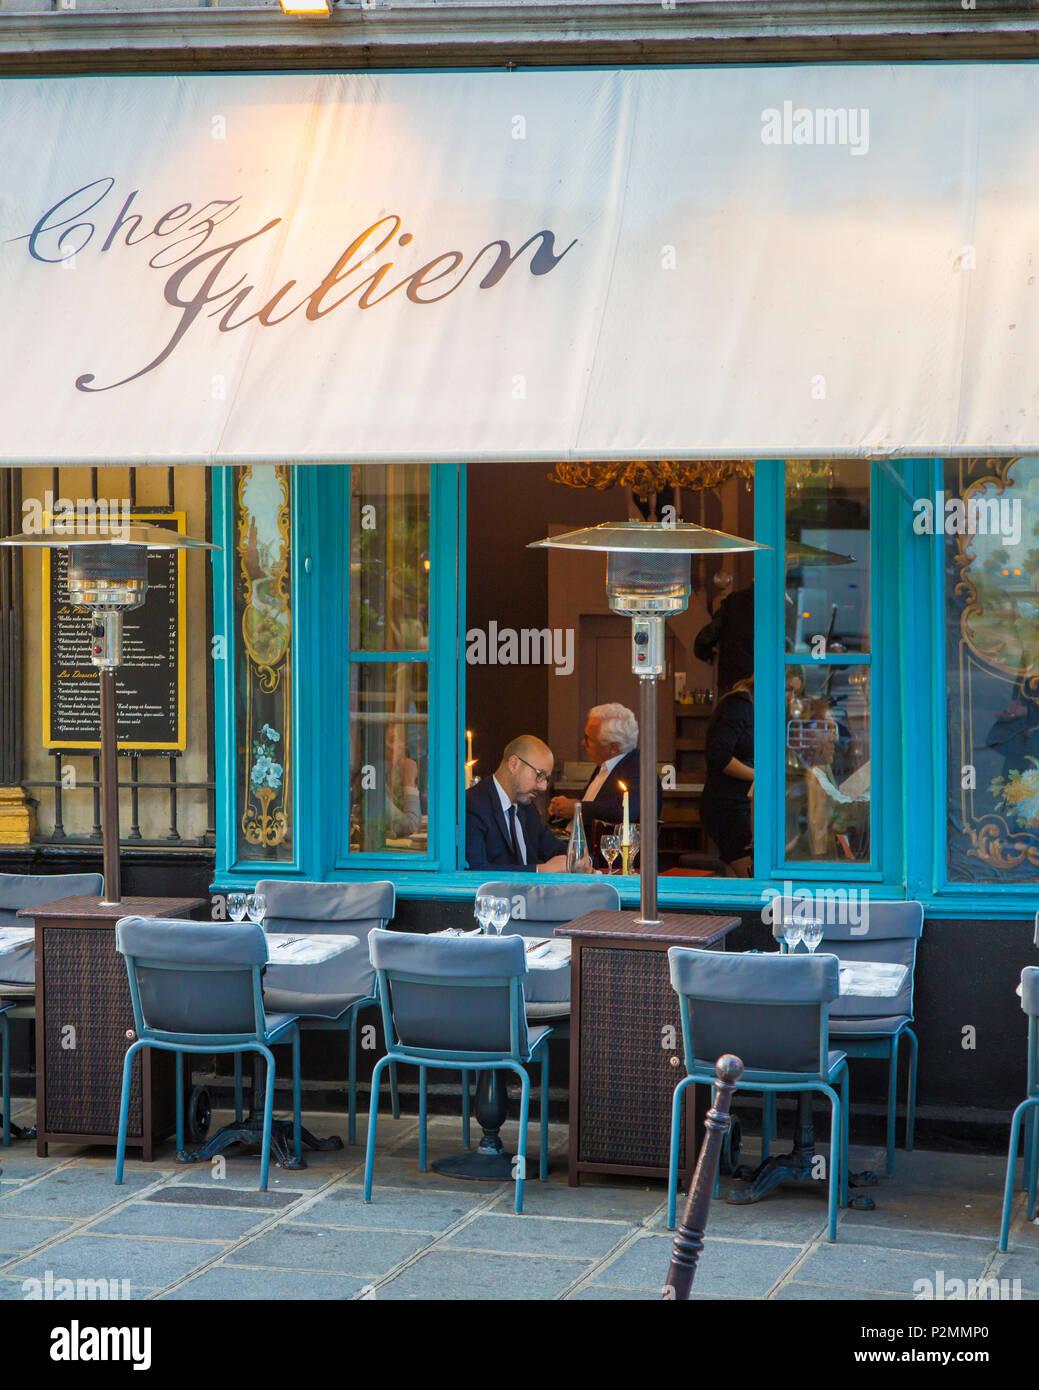 Evening at Chez Julien in les Marais, Paris, France - Stock Image